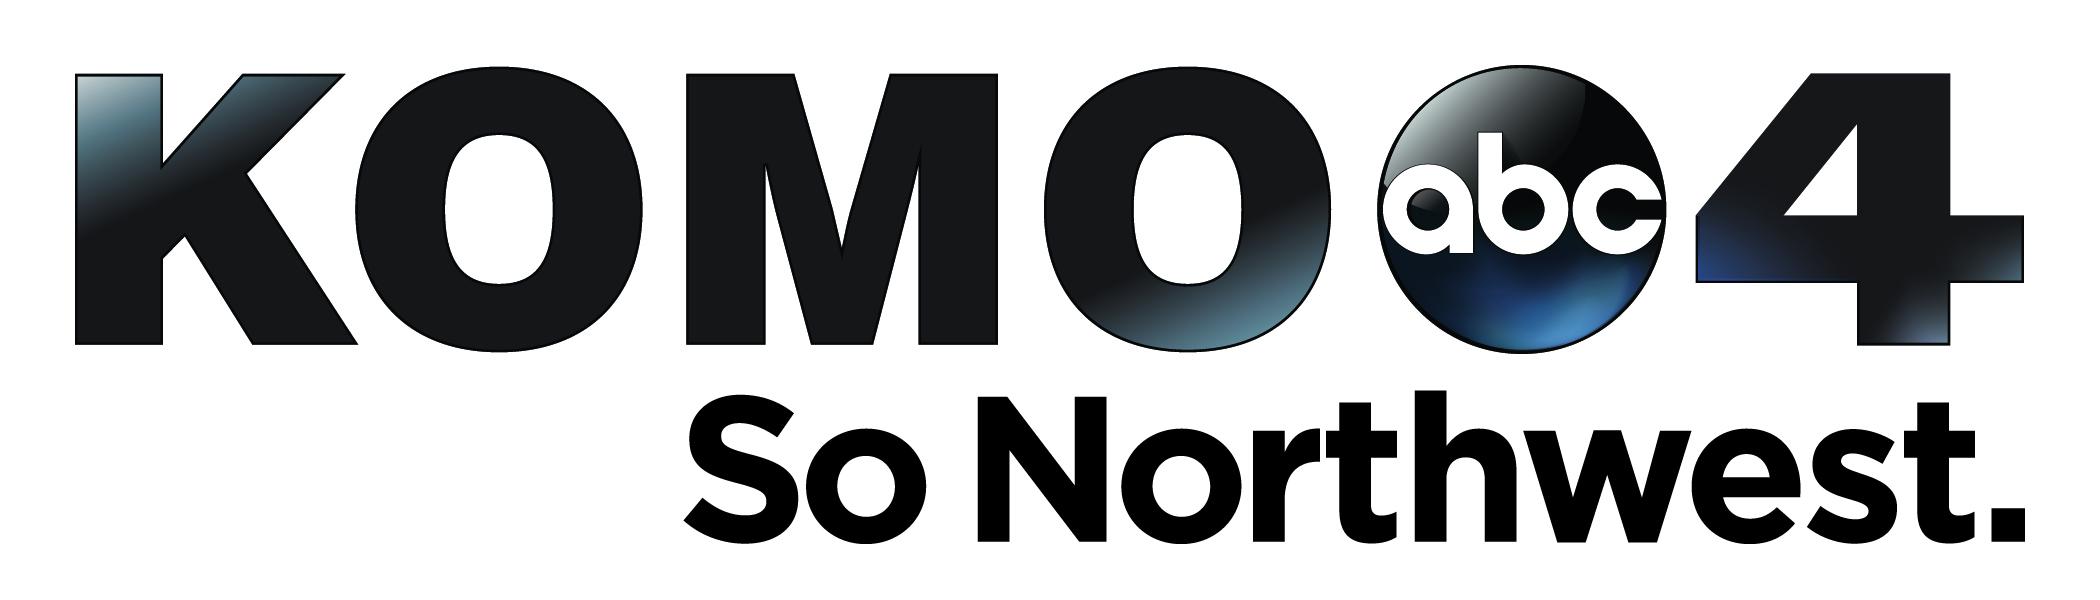 KOMO 4 So Northwest logo 2017.JPG